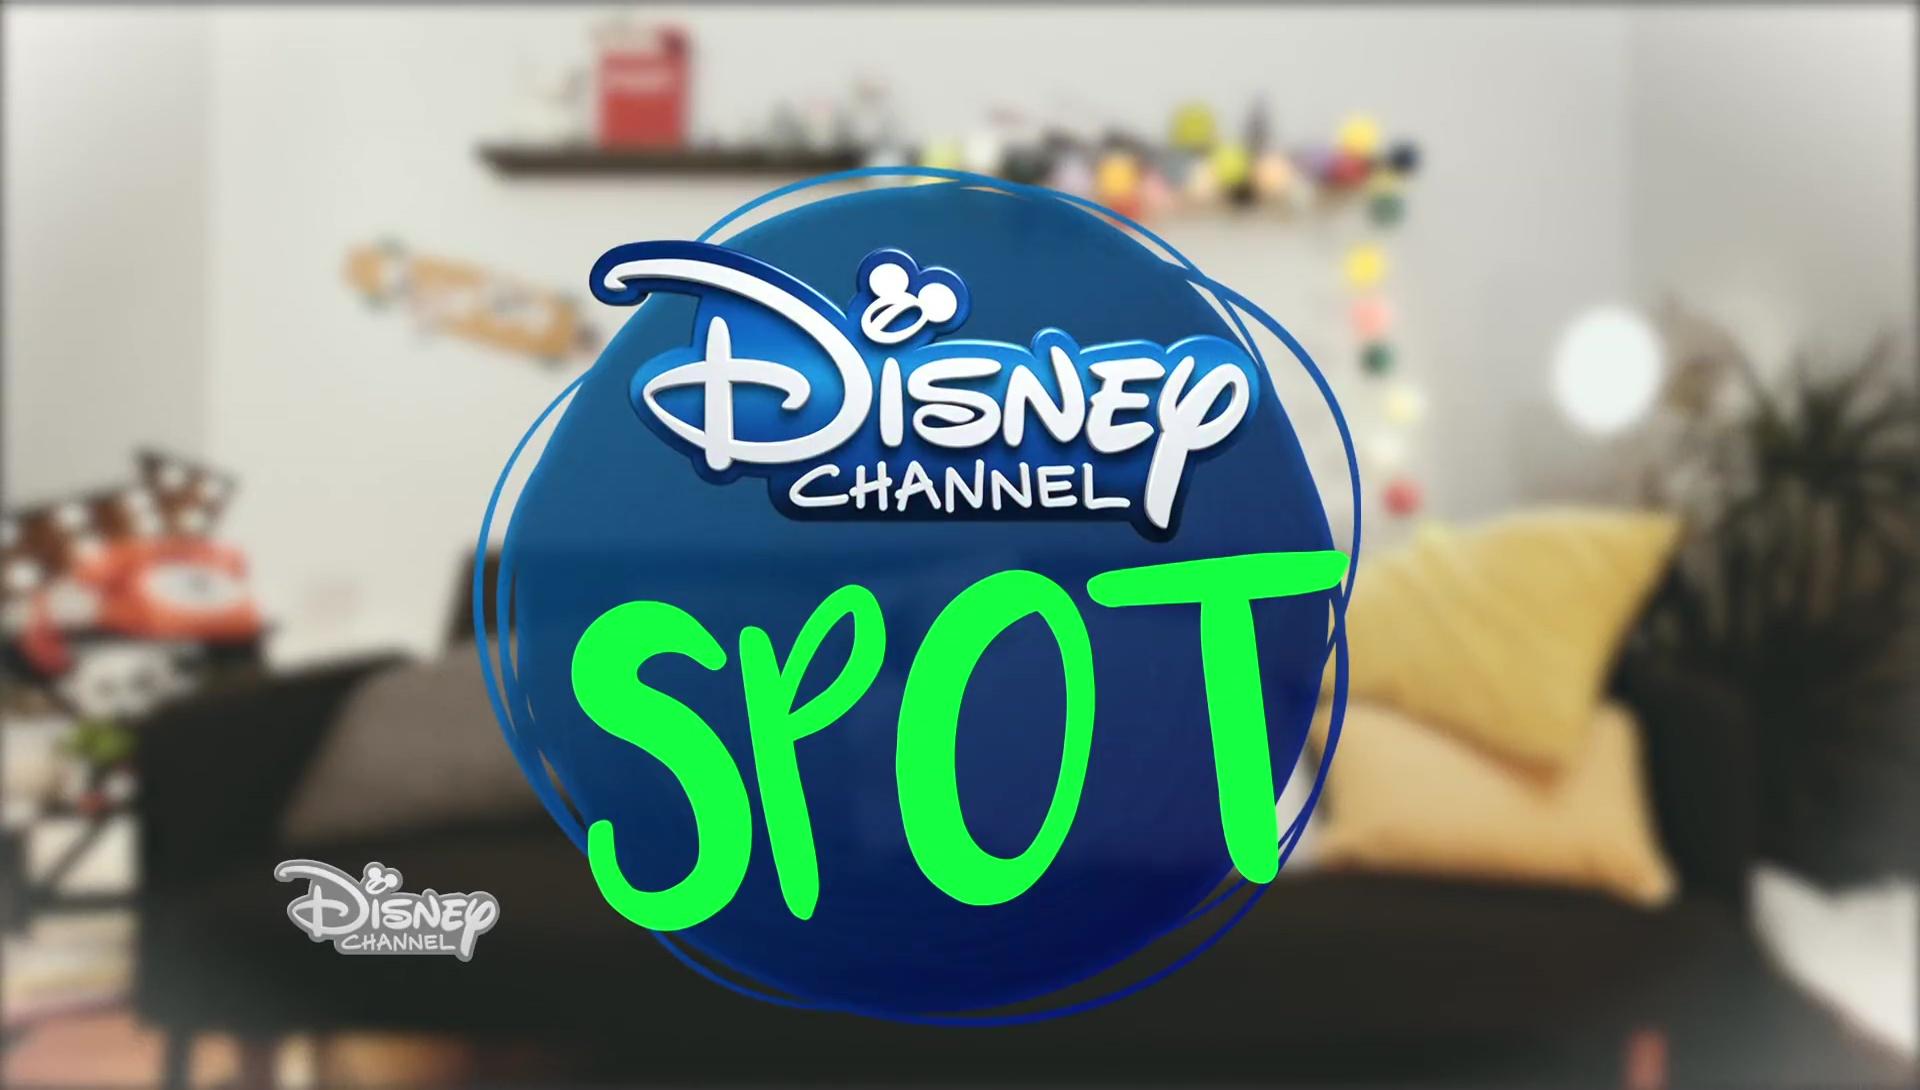 Disney-Channel-Spot-01